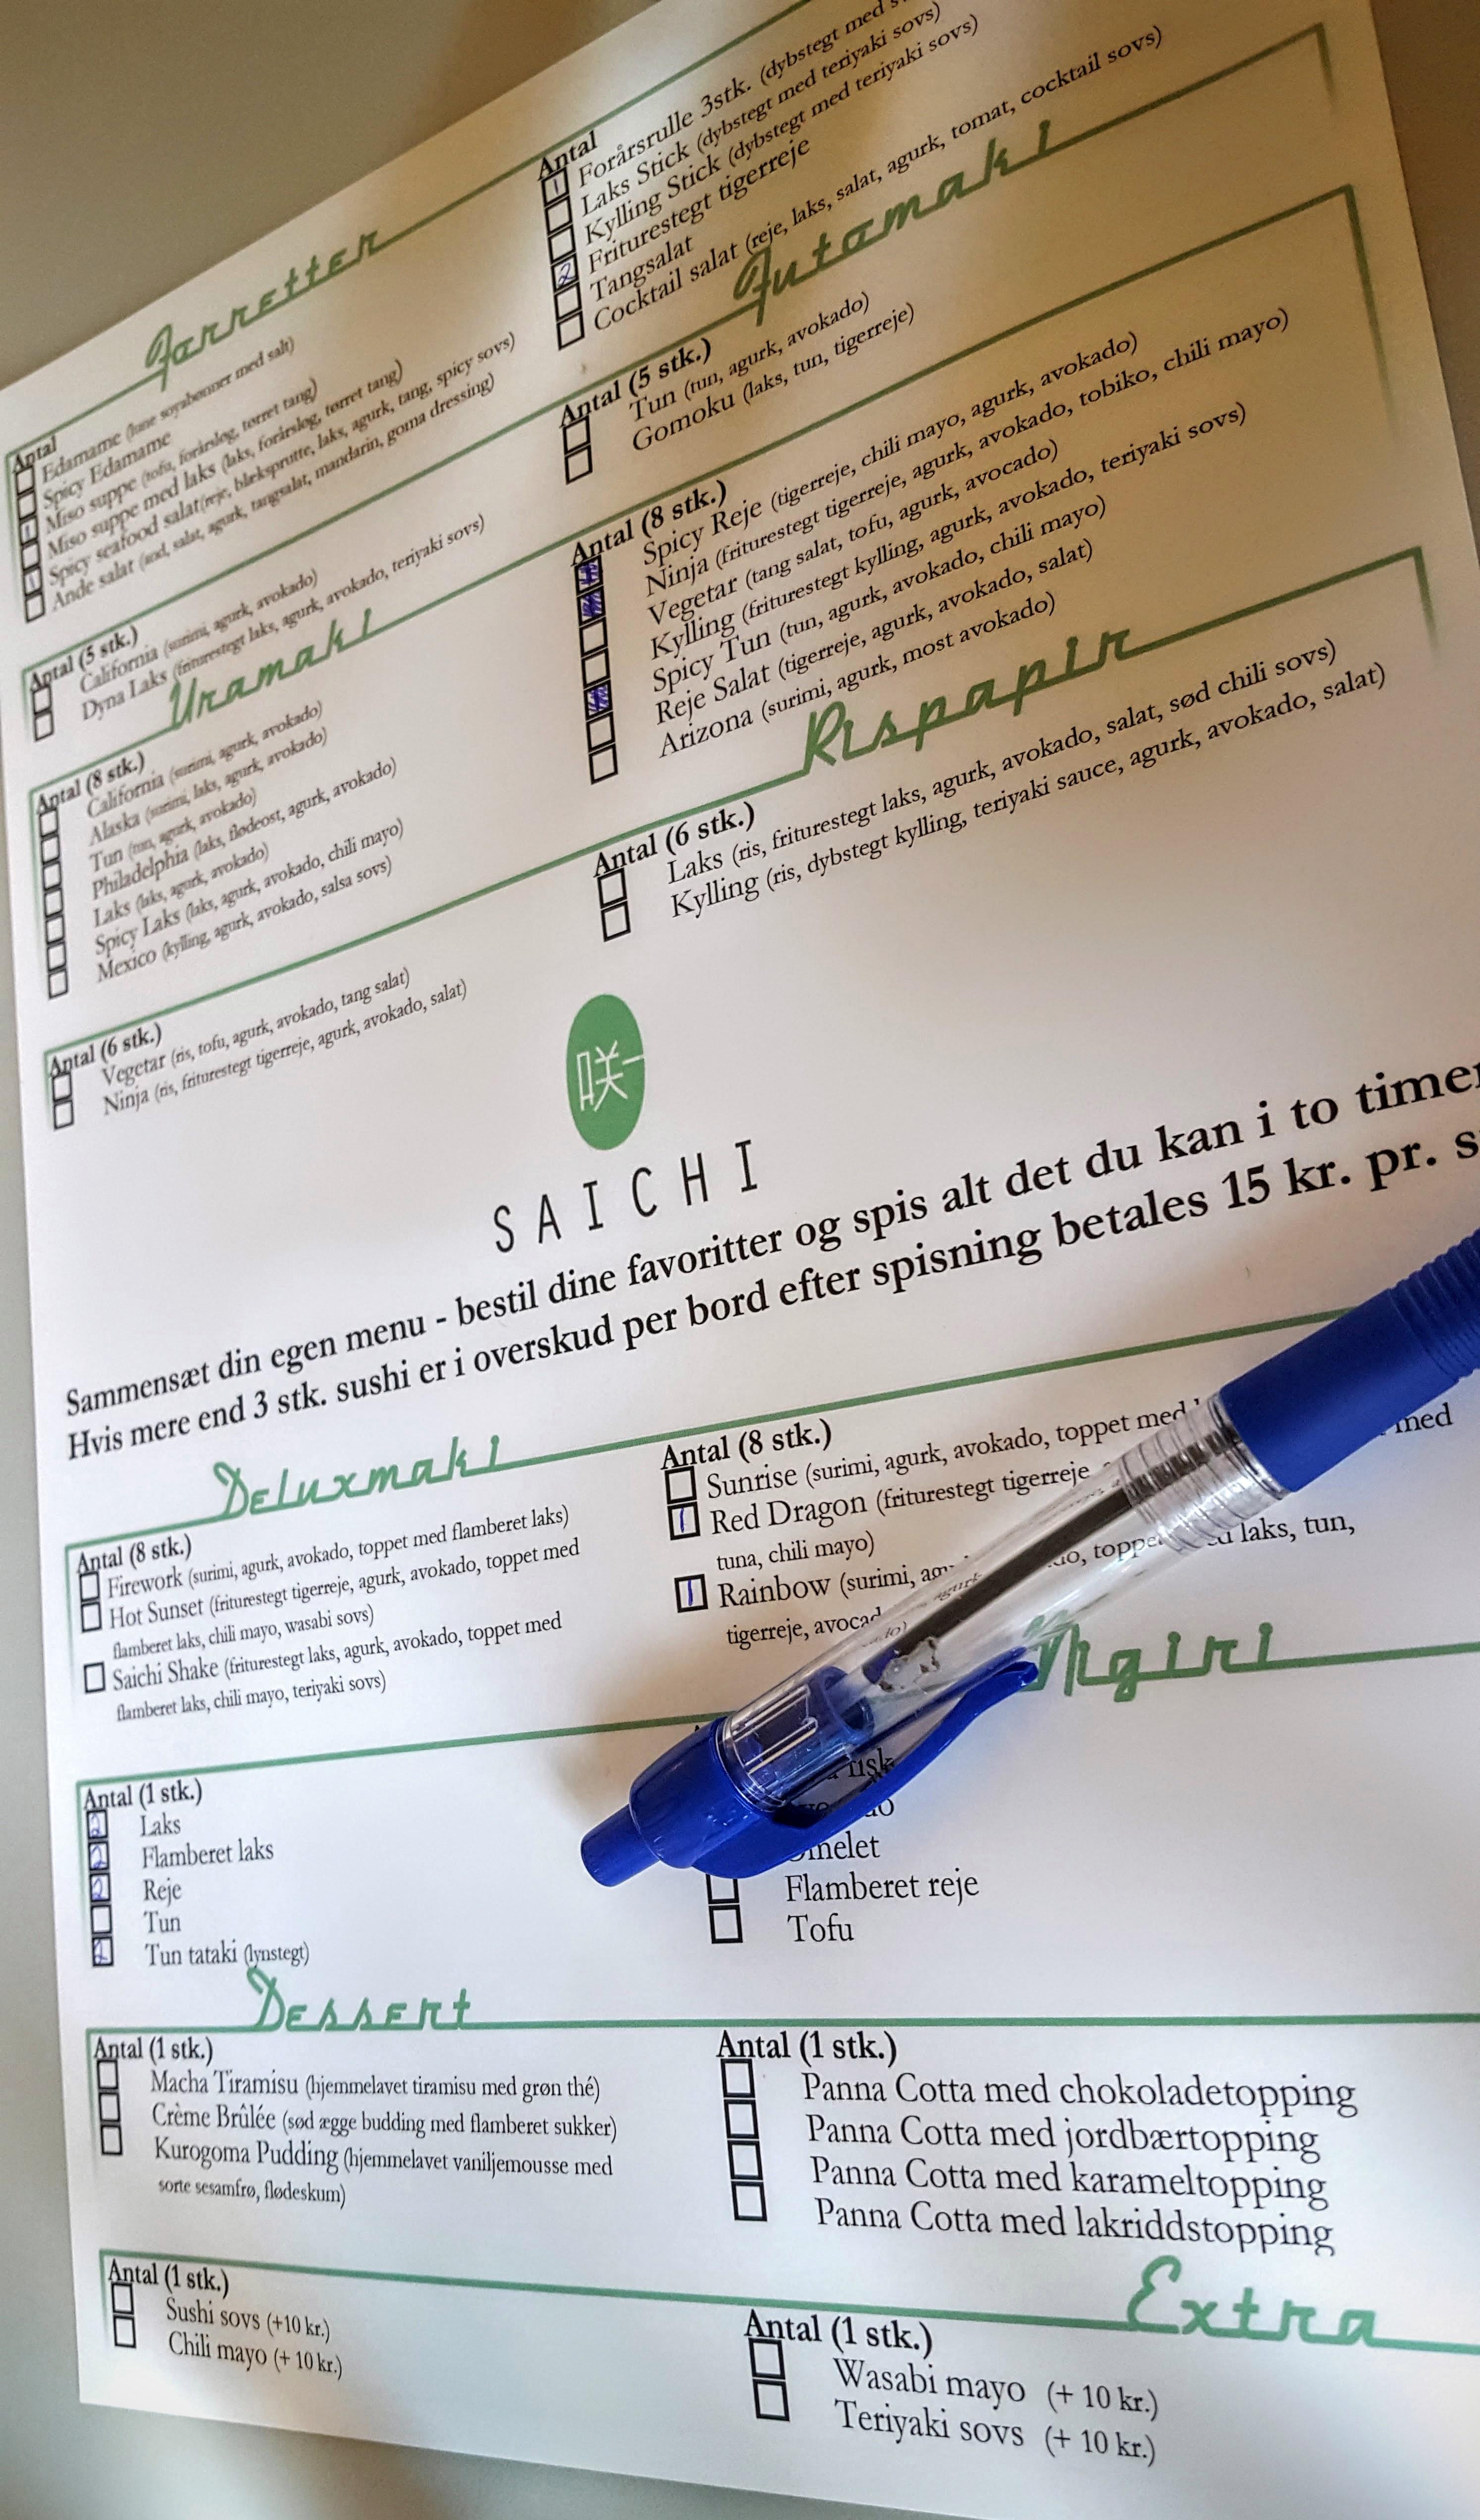 Saichi Sushi bestilling